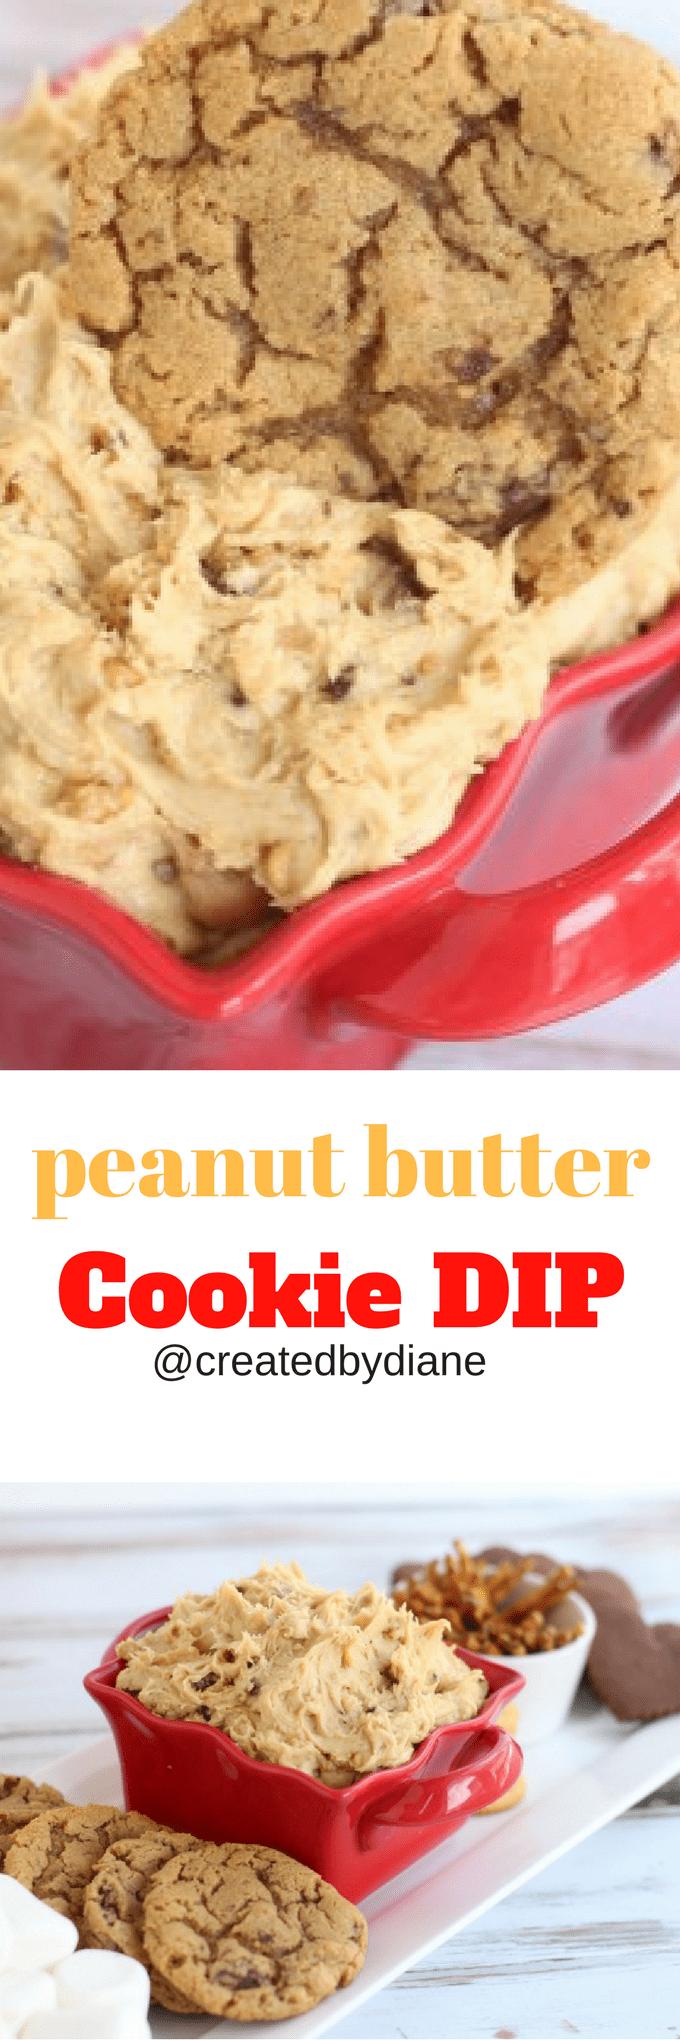 peanut butter cookie DIP no-bake dessert  @createdbydiane